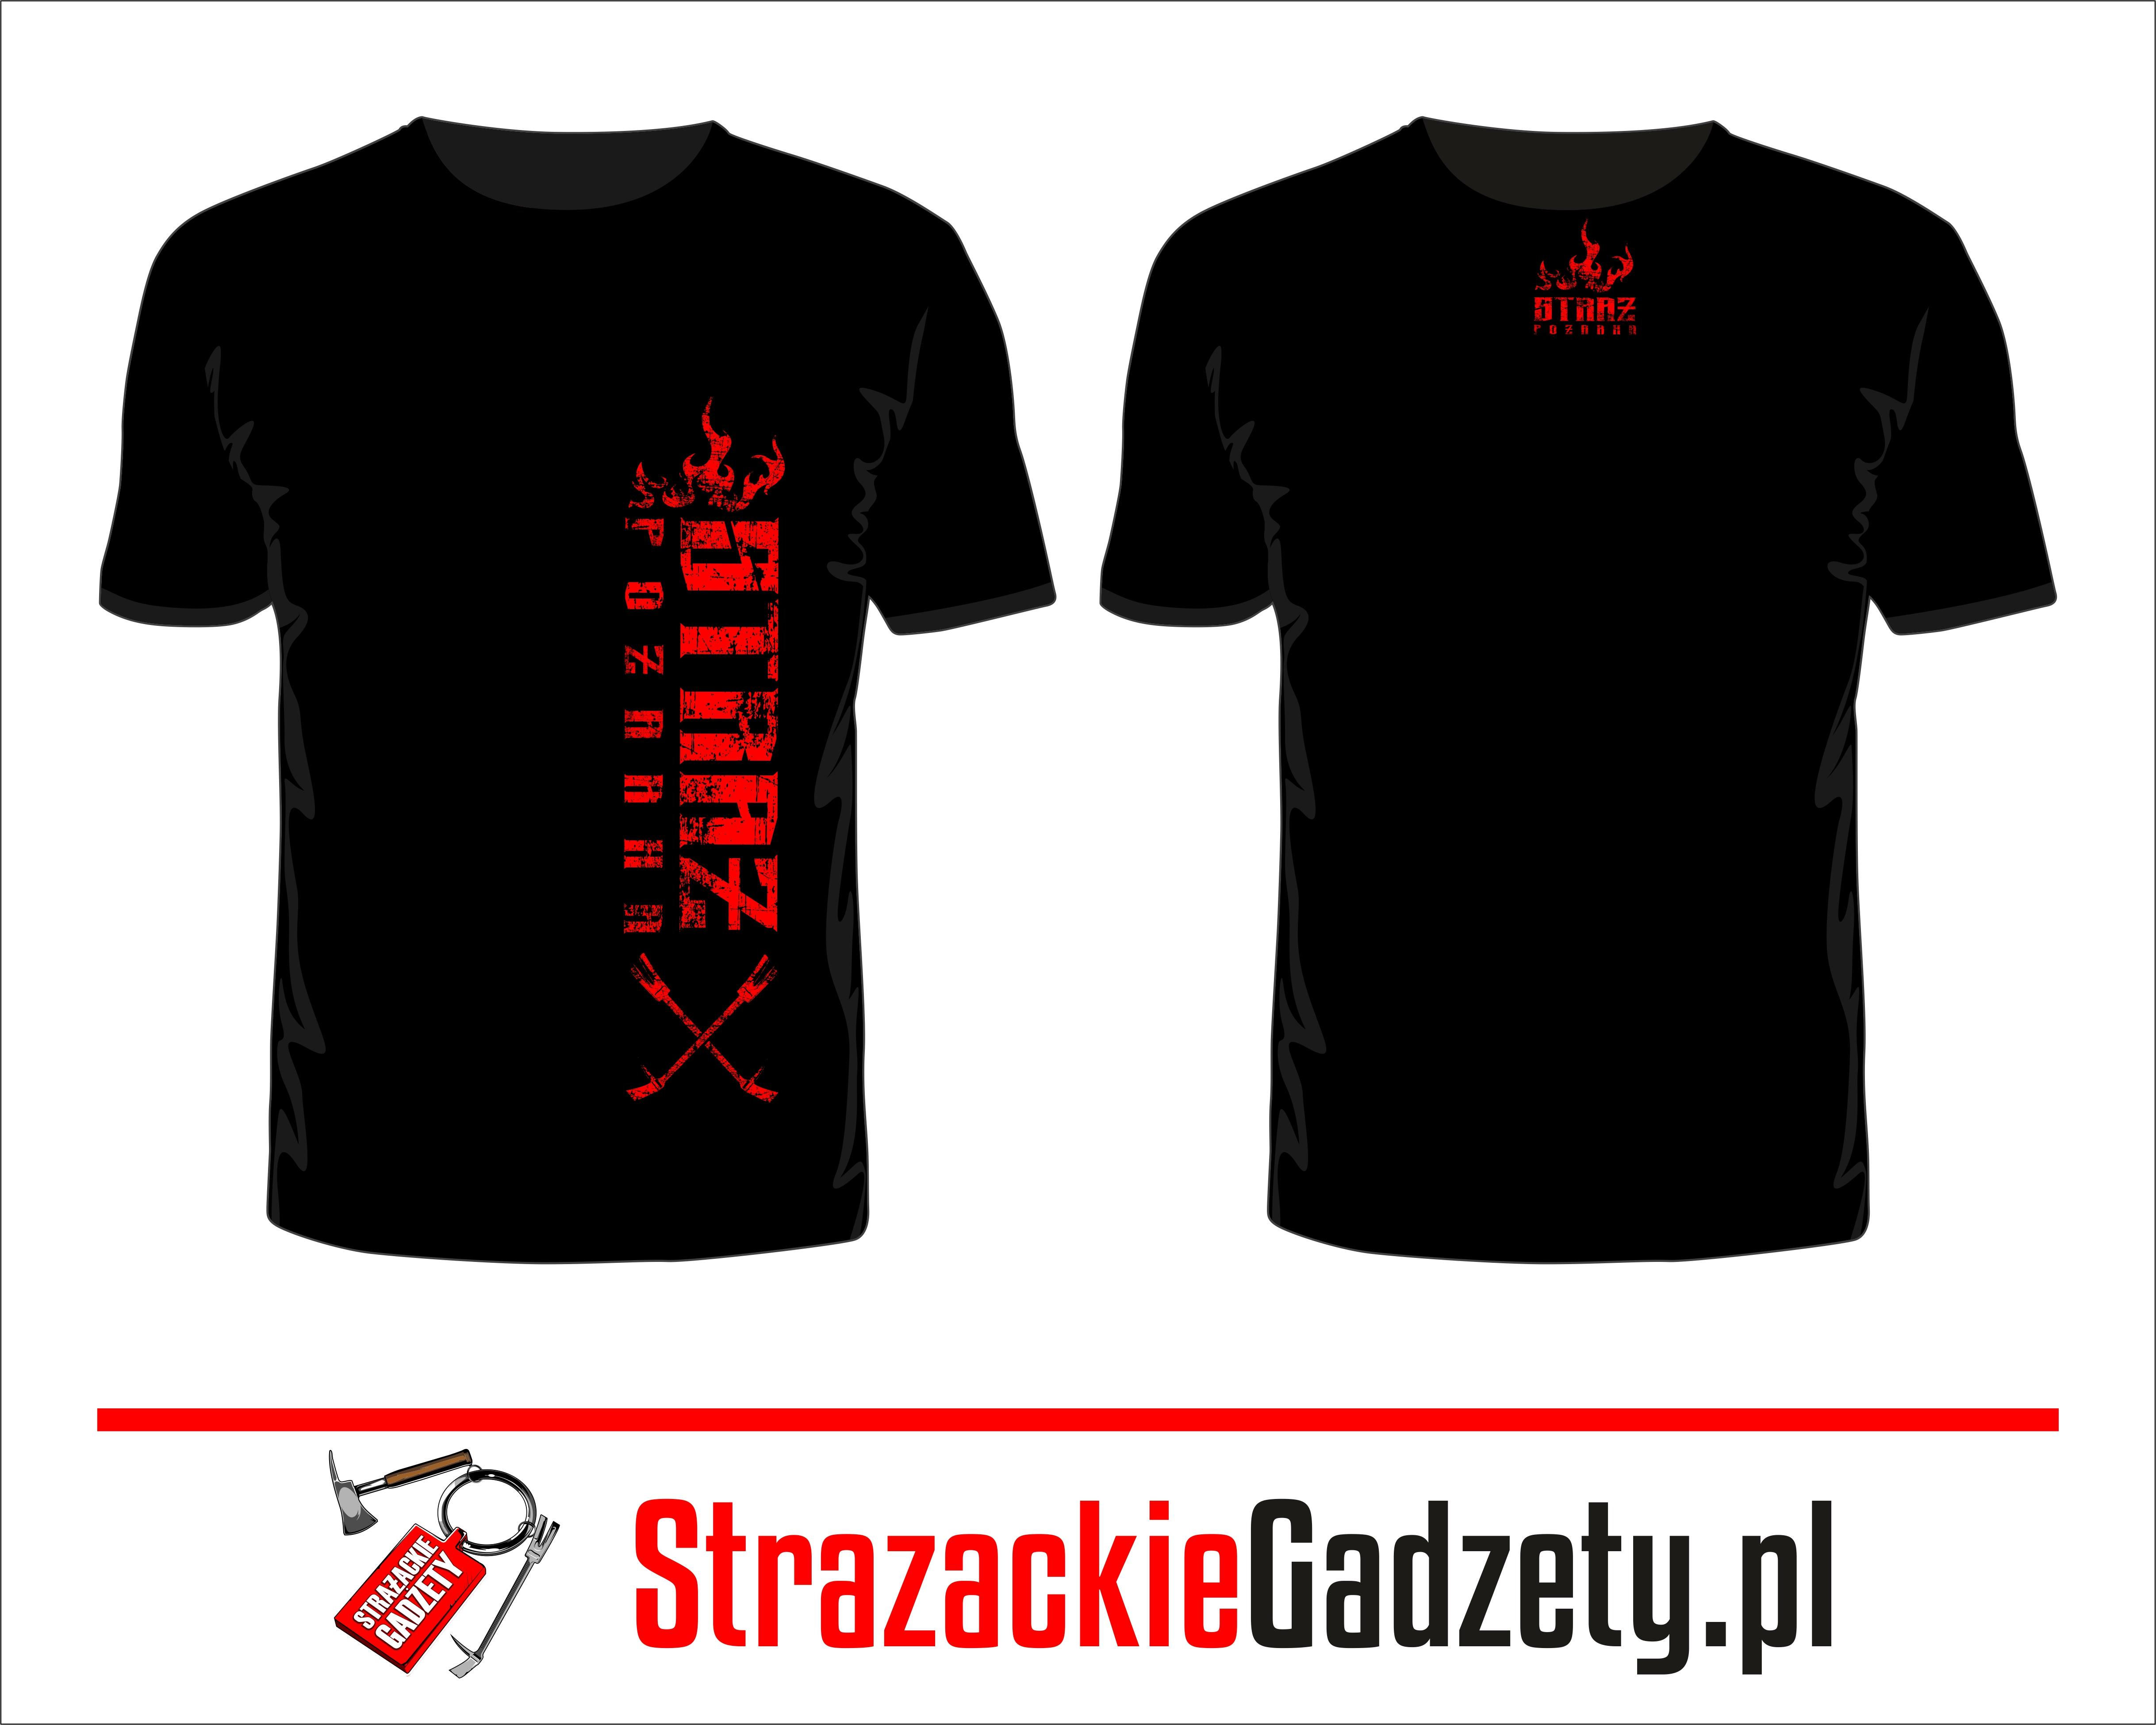 a391489f2faa7b Koszulka czarna ,T-shirt - STRAŻ POŻARNA - napis czerwony pionowy